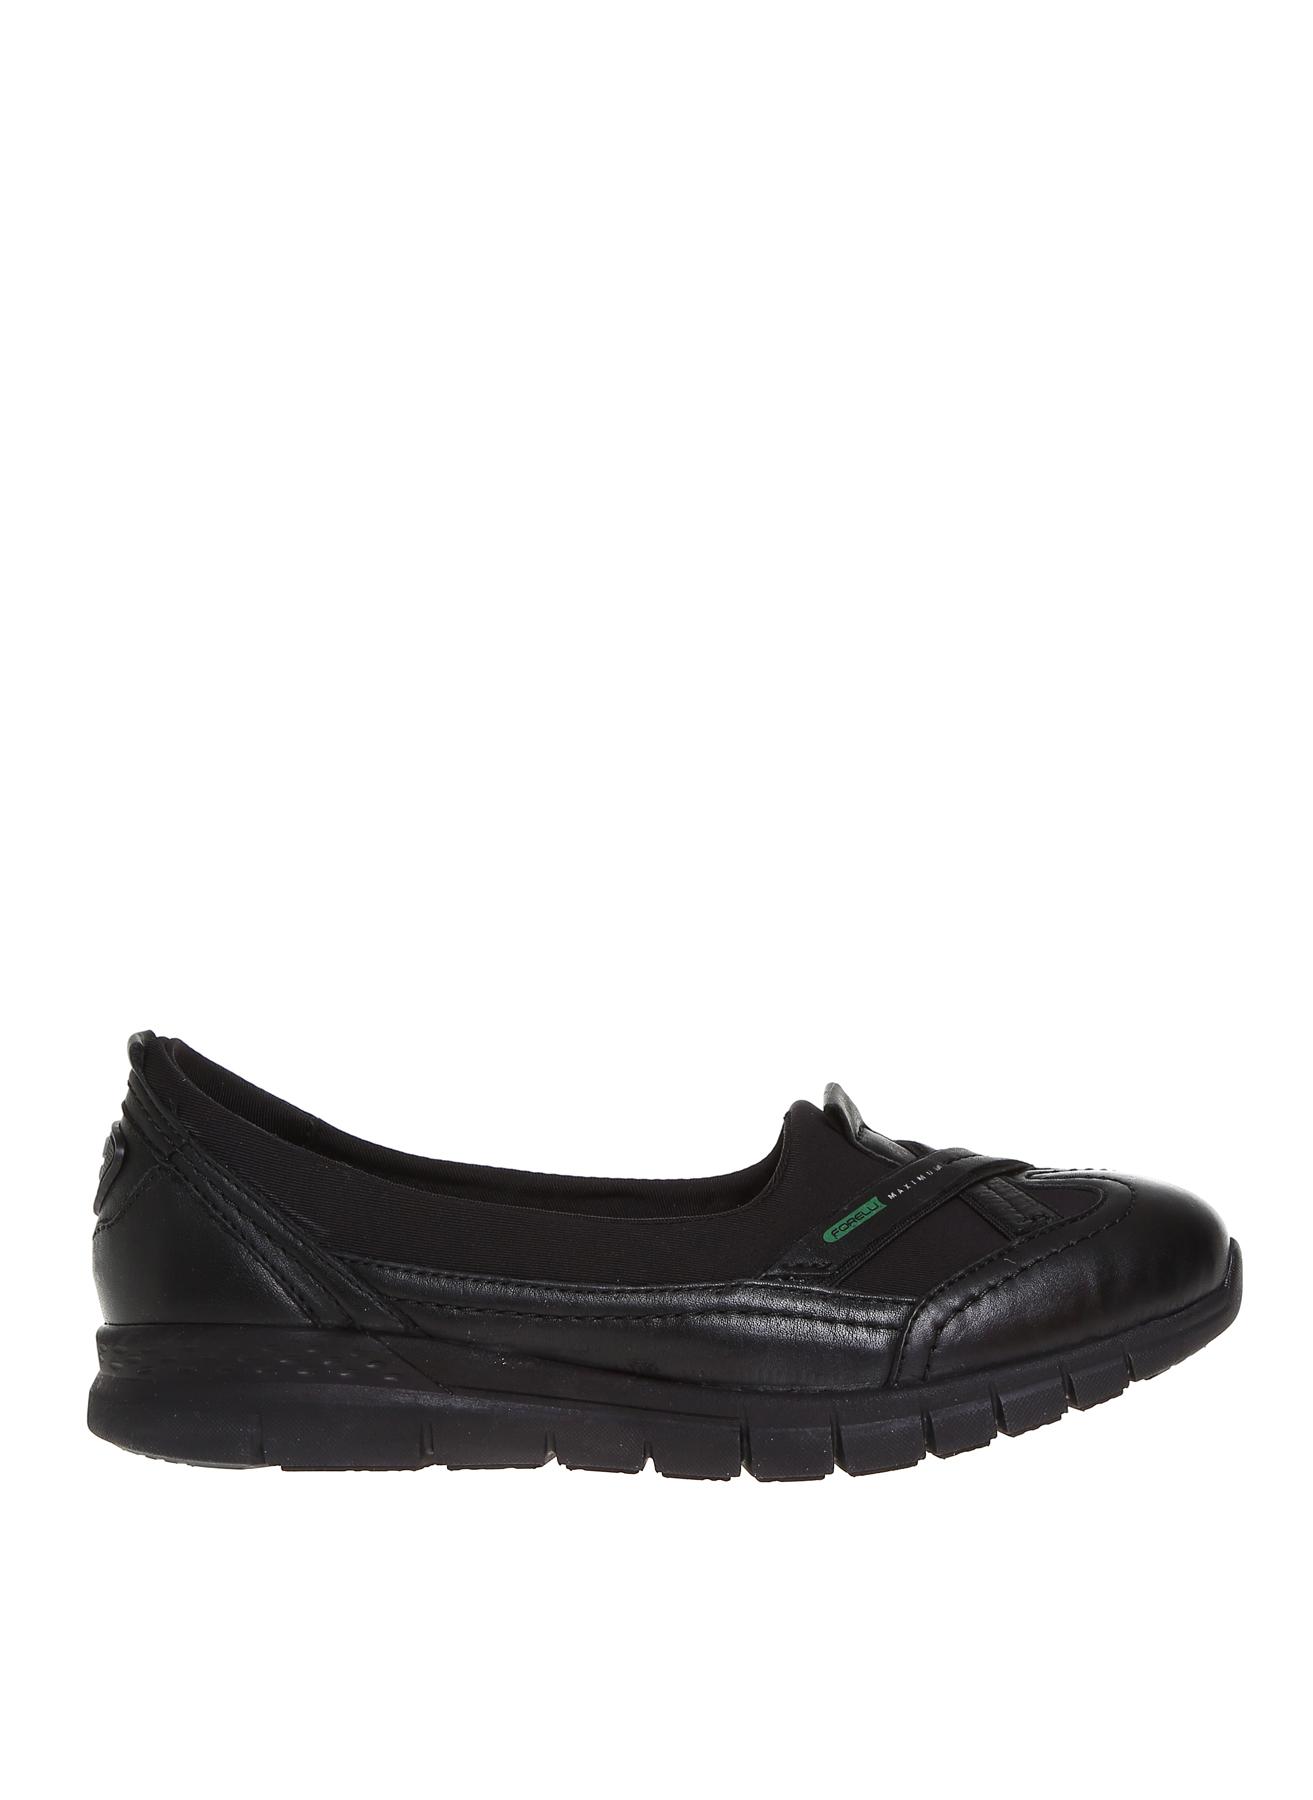 Forelli Siyah Düz Ayakkabı 40 5000420694005 Ürün Resmi